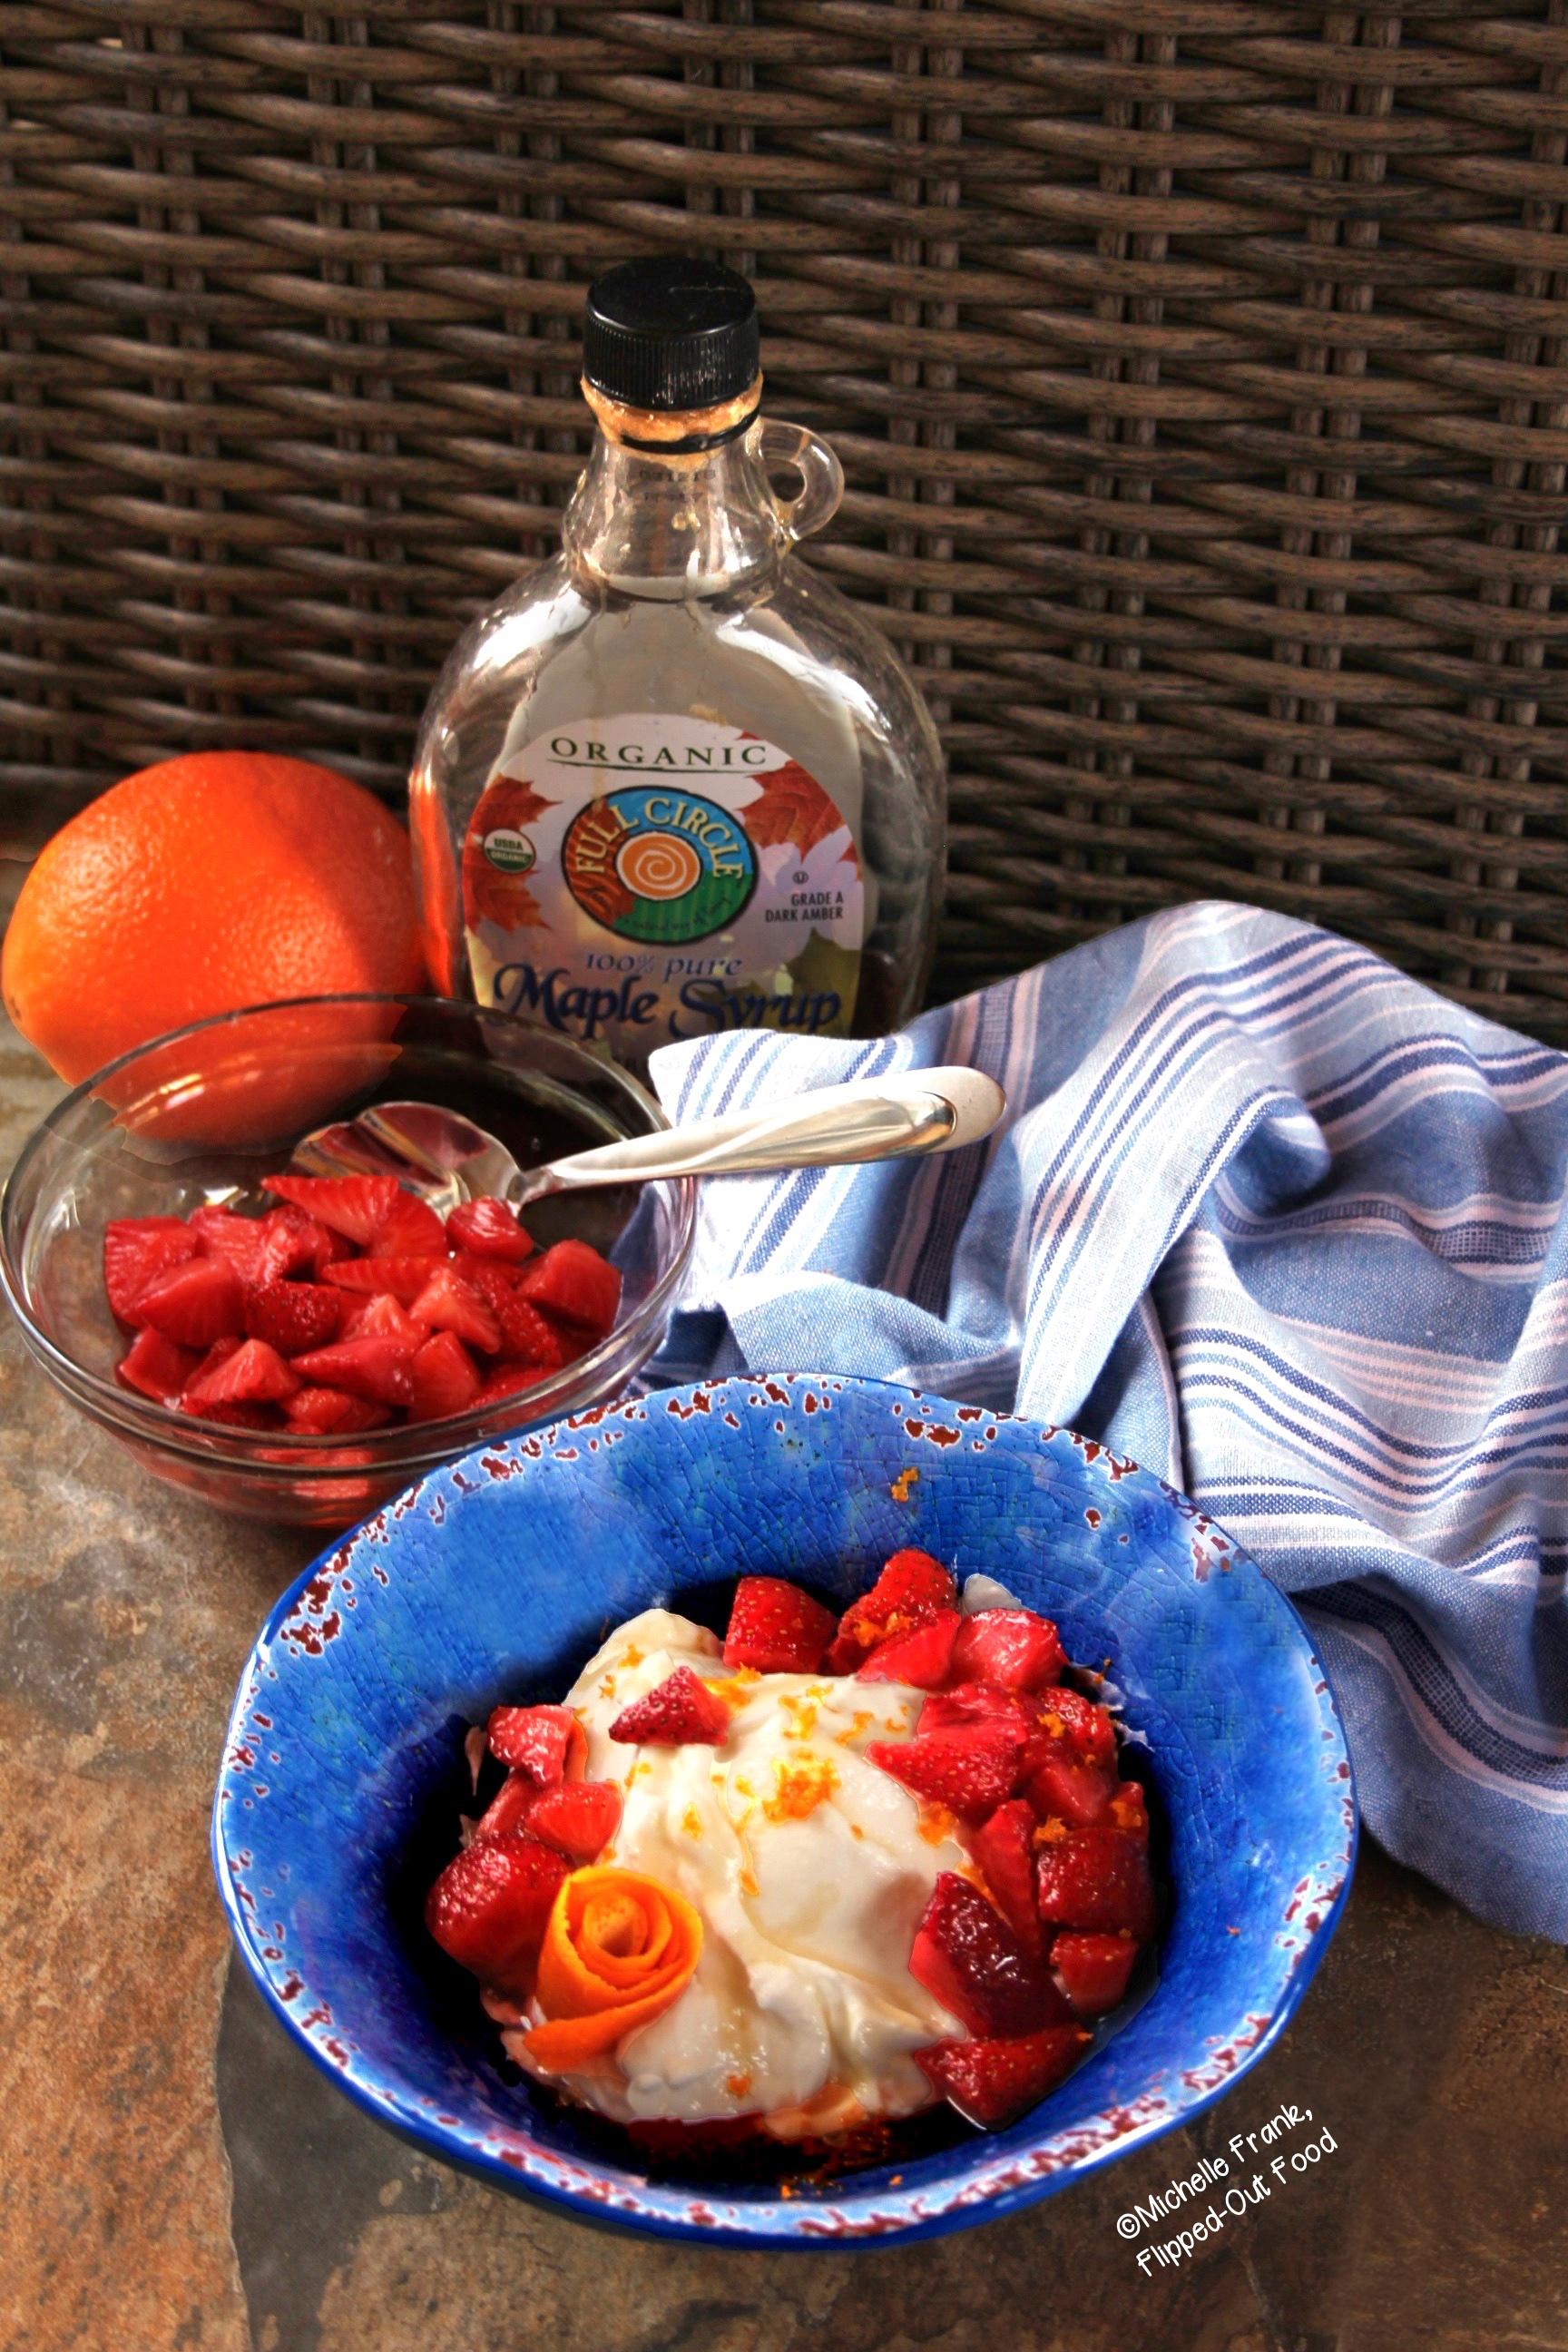 Orange Strawberry Dessert Bowls